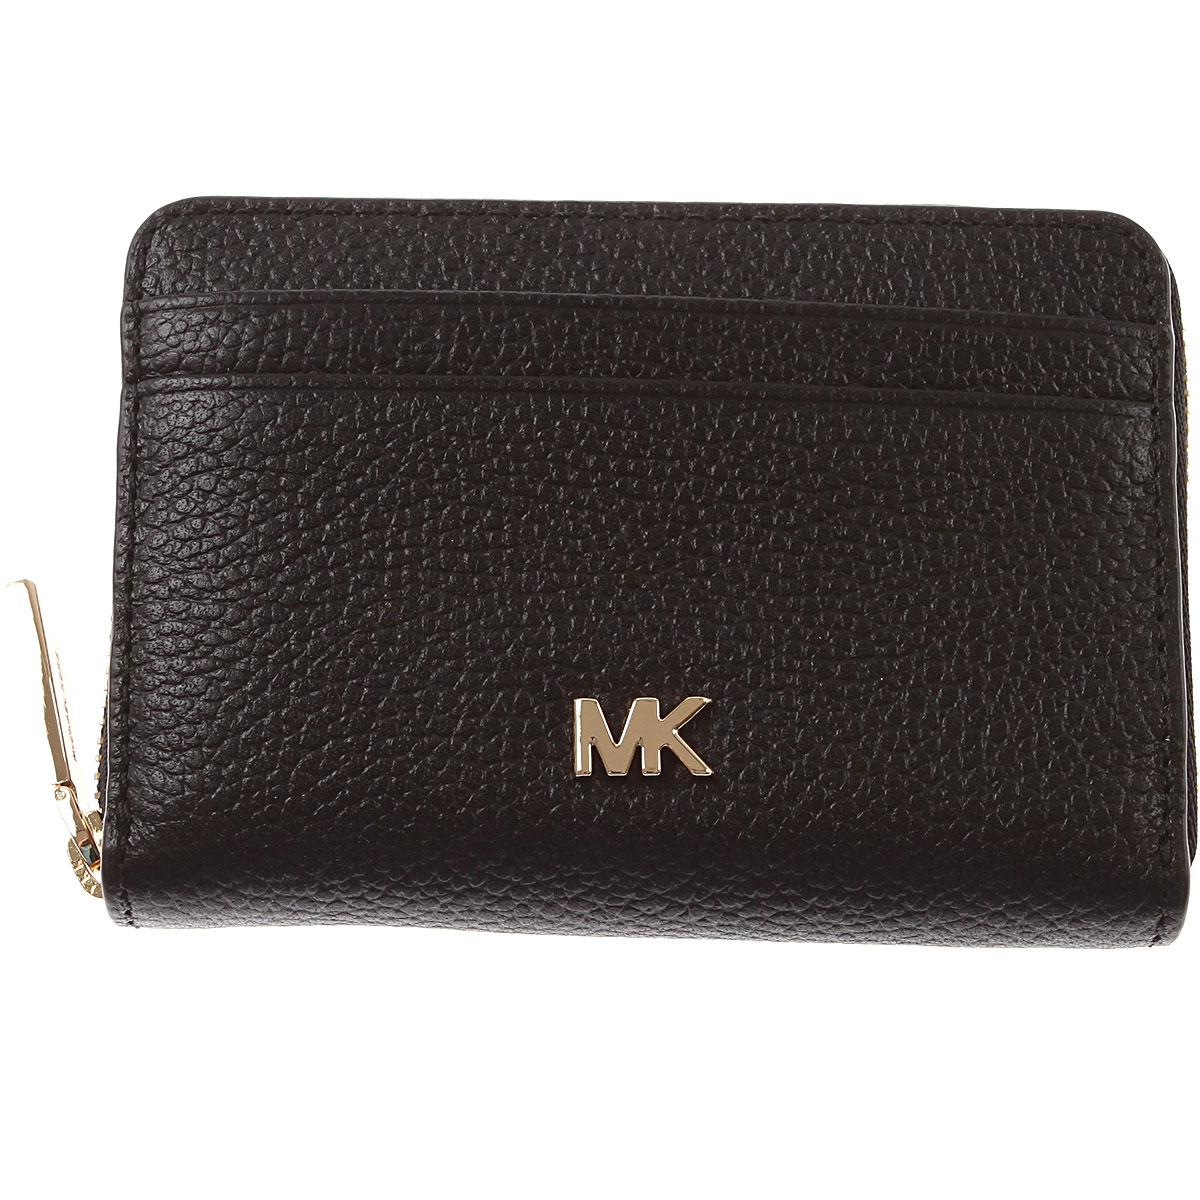 Michael Kors Wallet for Women, Nero, pelle, 2019